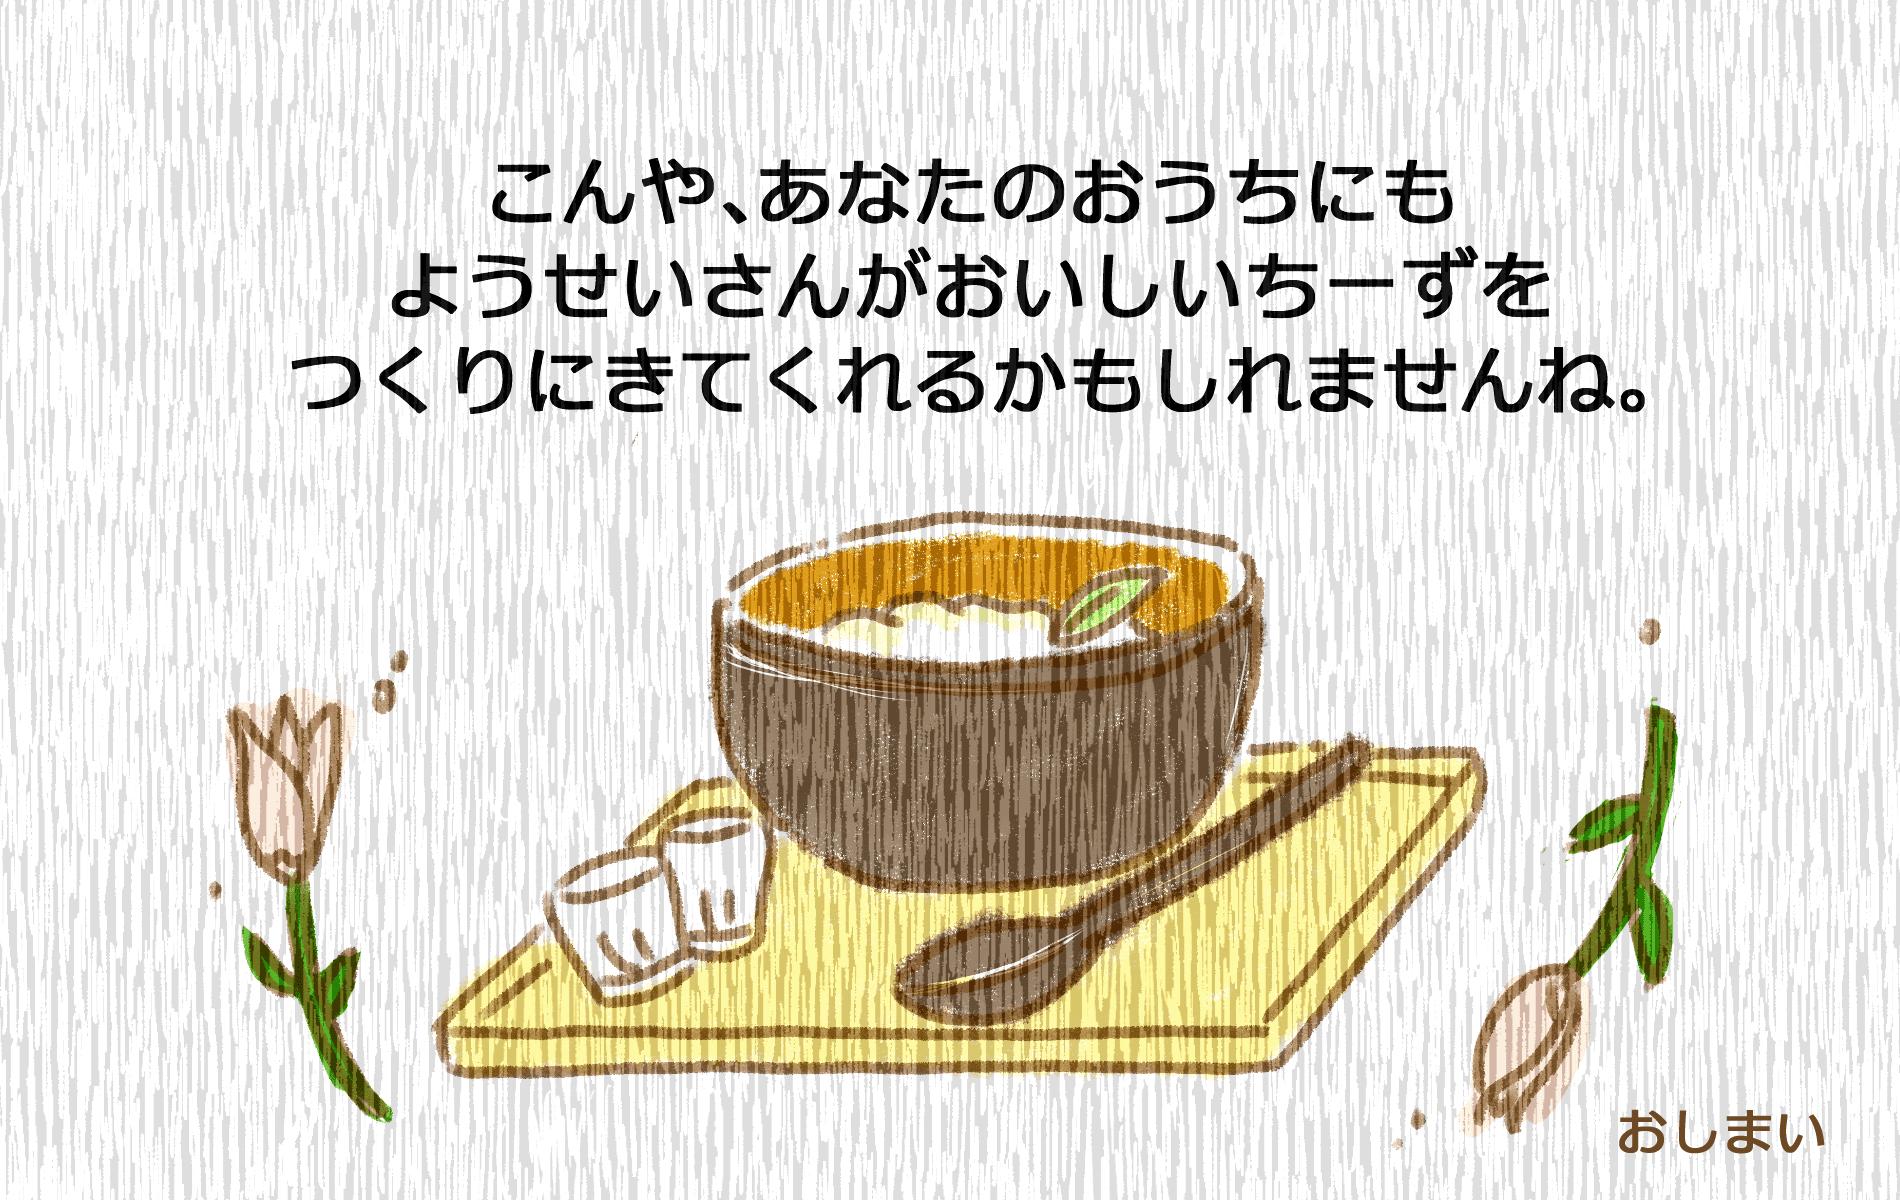 えほん_008